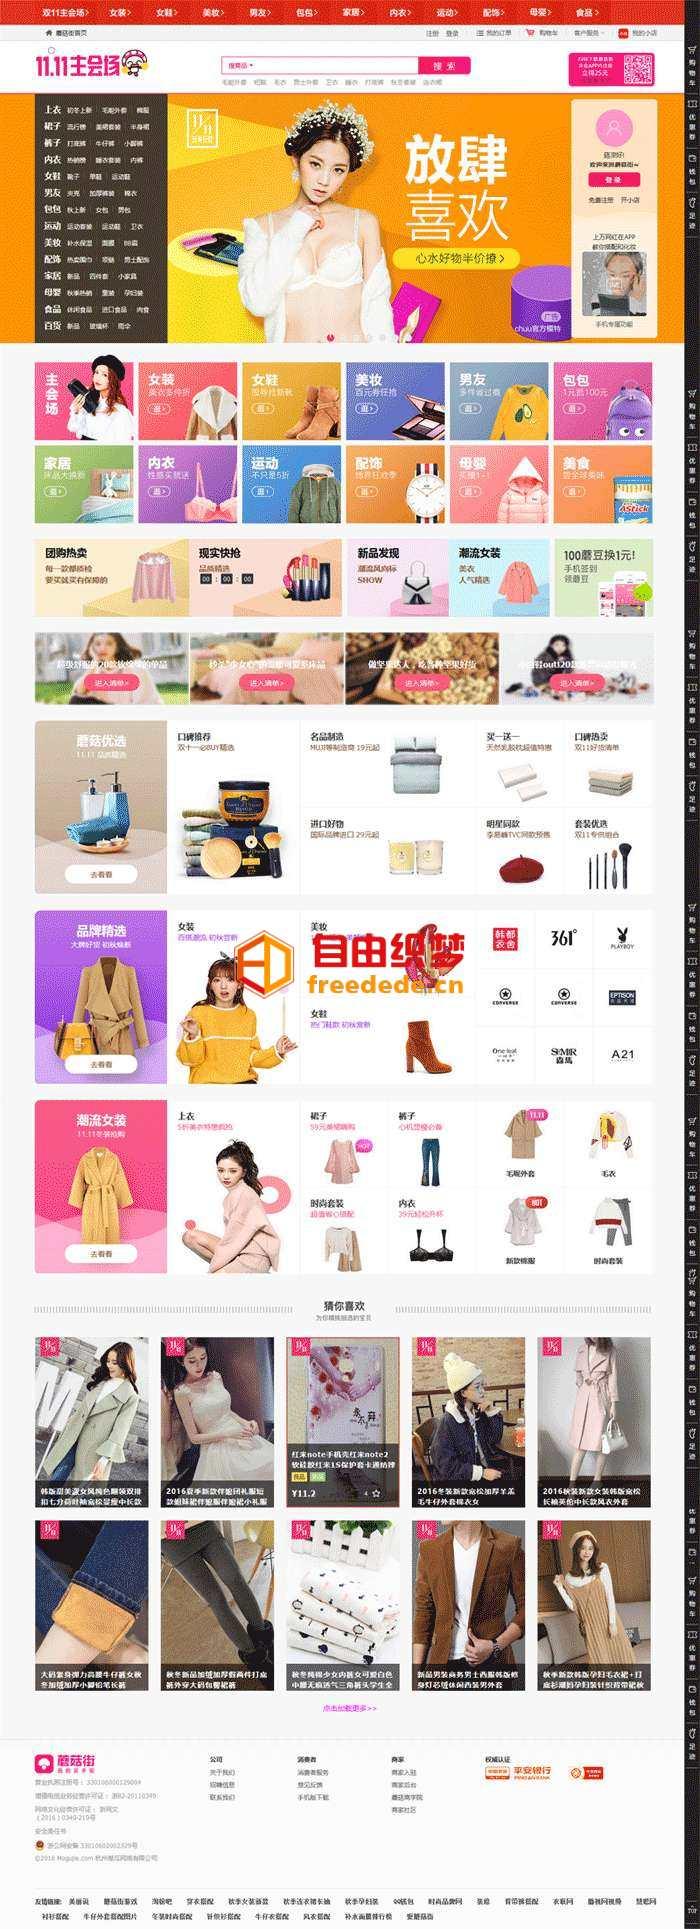 爱上源码网文章仿蘑菇街时尚服装购物商城官网模板源码的内容插图